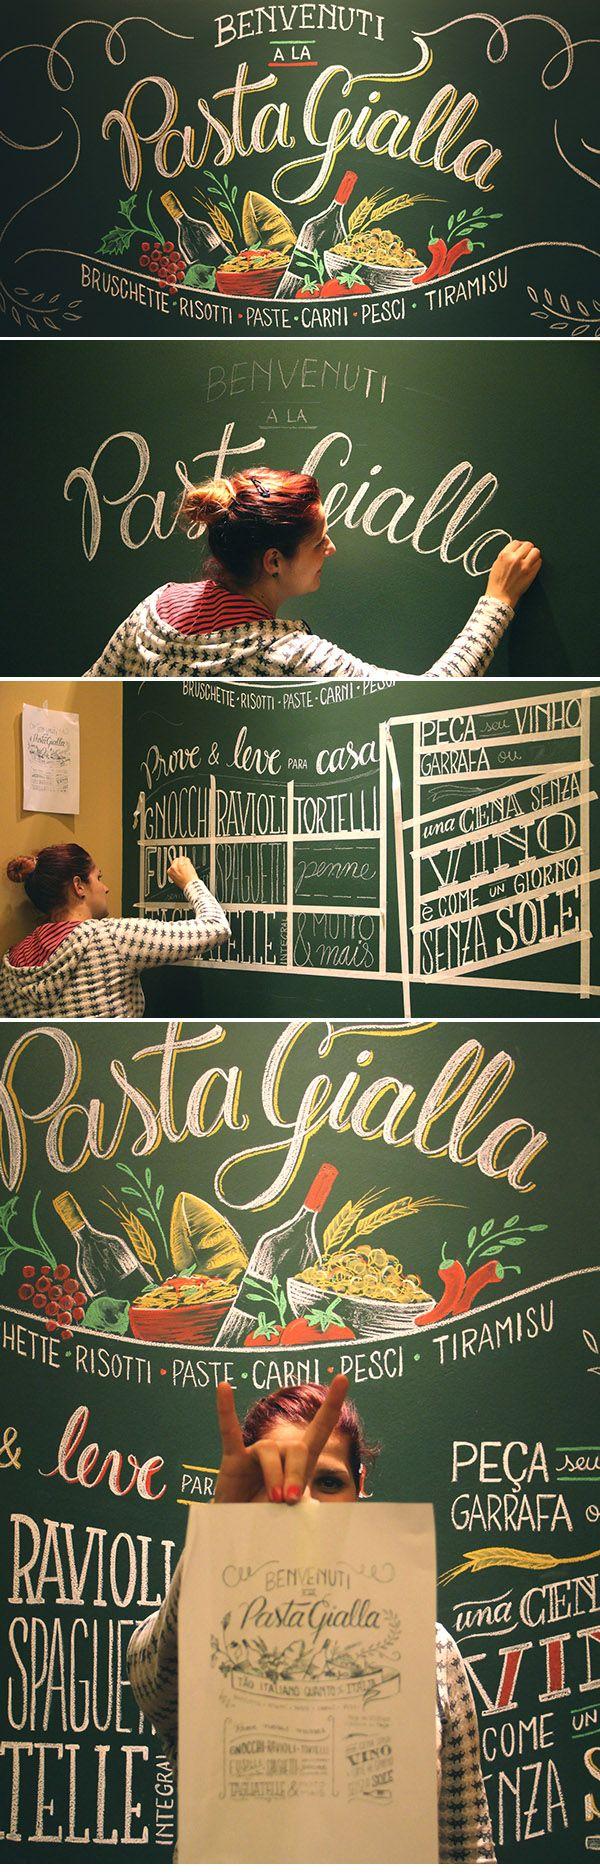 Cristina Pagnoncelli  ::  Decorative illustration done in chalk Italian restaurant La Pasta Gialla. ( ParkShopping Barigüi - Curitiba, Brazil ) [ http://www.typographyserved.com/gallery/La-Pasta-Gialla/20322053 ]